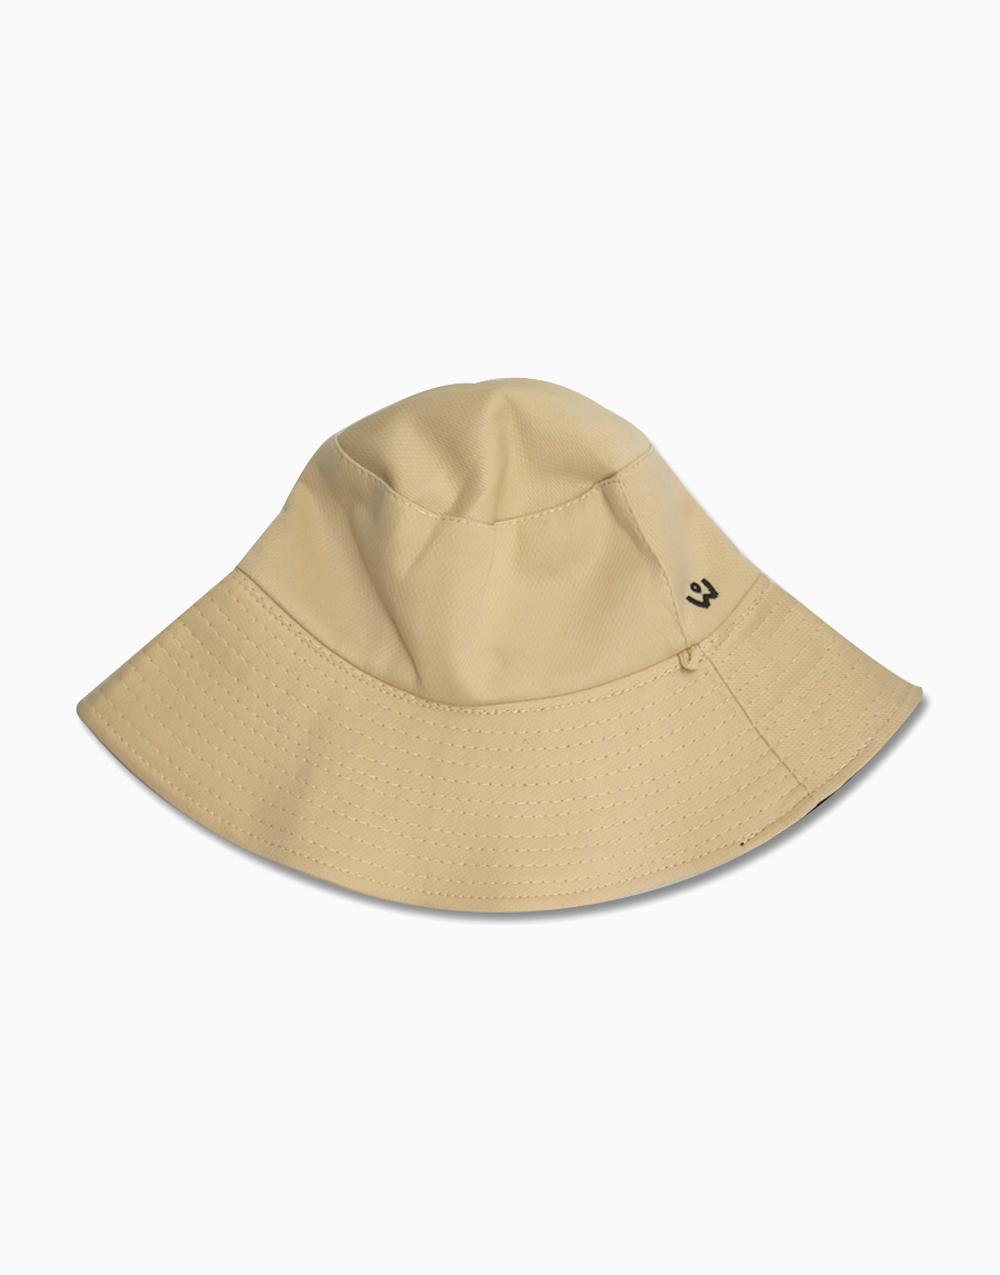 Reversible Bucket Hat by Wanderskye | Black/Cream